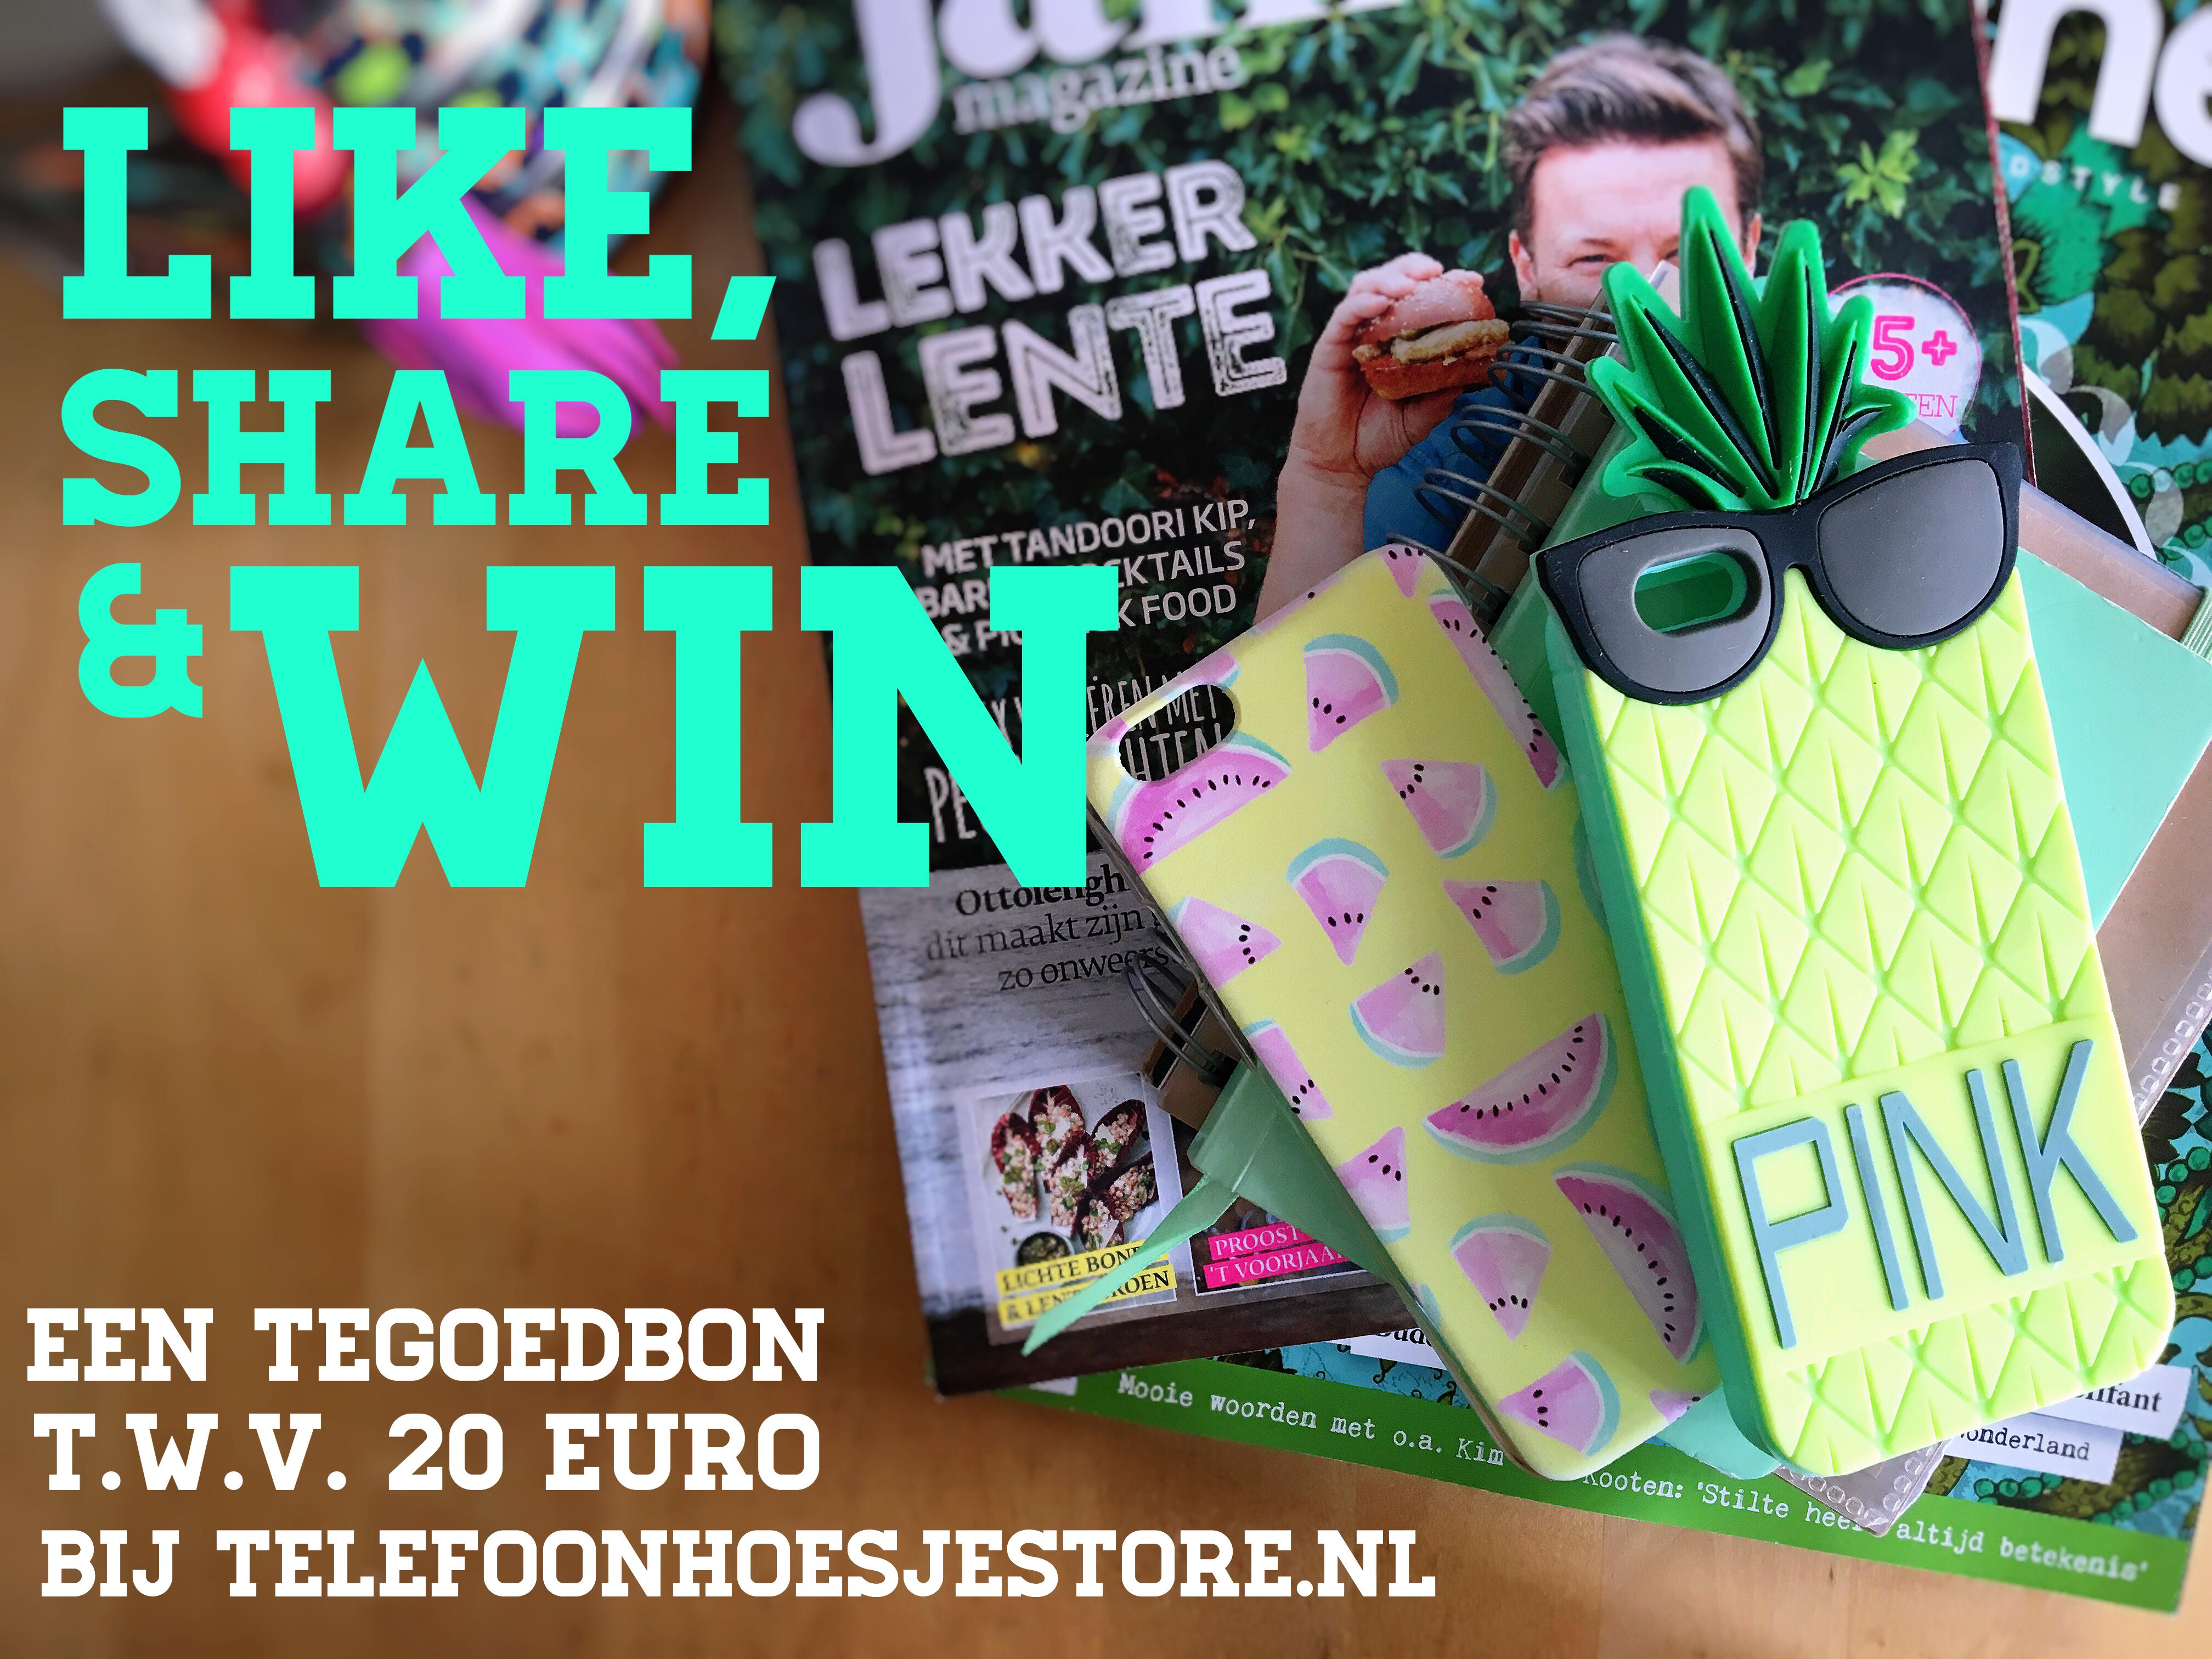 LIKE, SHARE & WIN: een tegoed t.w.v. 20 euro bij telefoonhoesjestore.nl (AFGELOPEN)